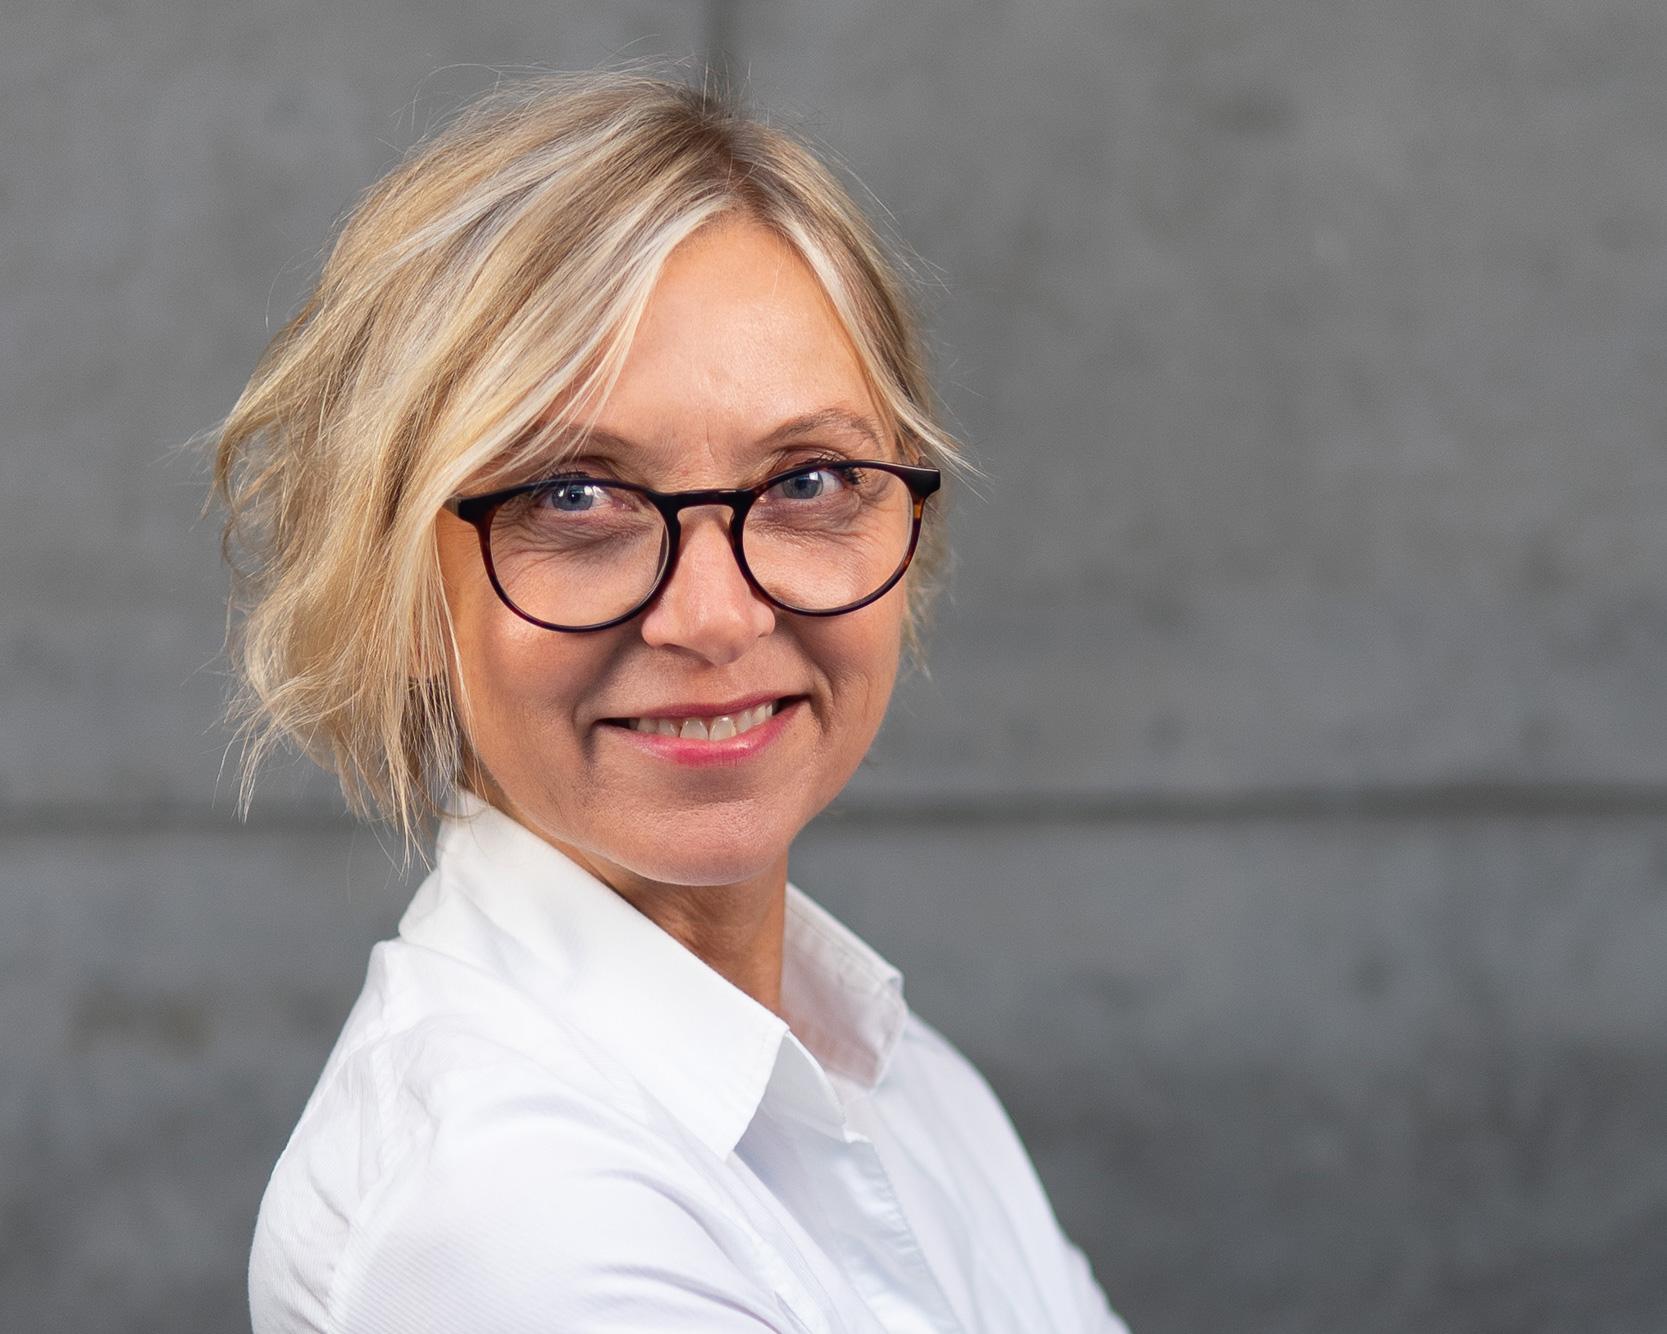 Profil von Karolin Köcher